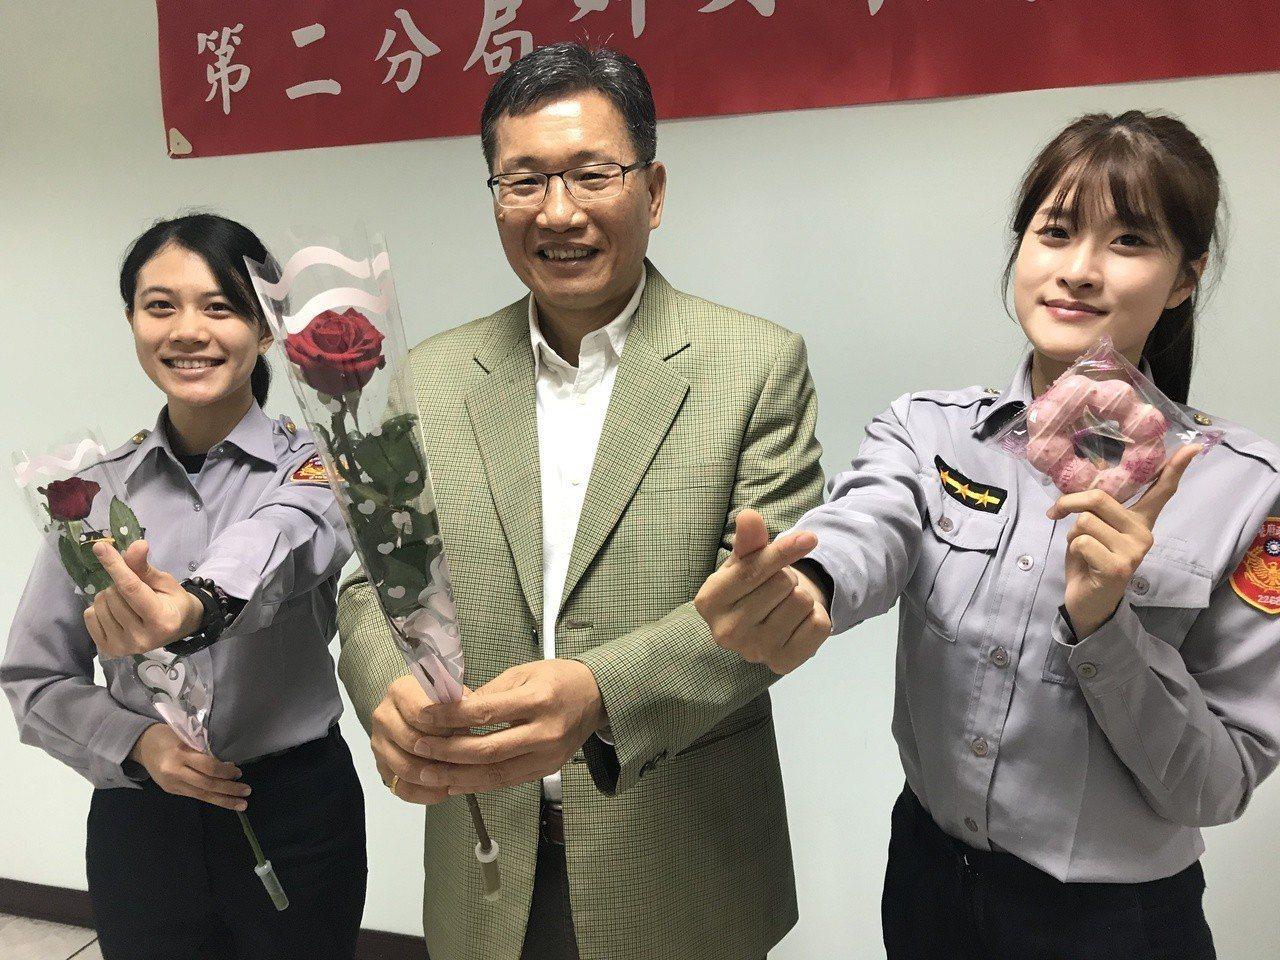 台中市警局第二分局今天中午舉辦三八婦女節餐會,分局長高誌良(中)一身西裝帥氣出席...